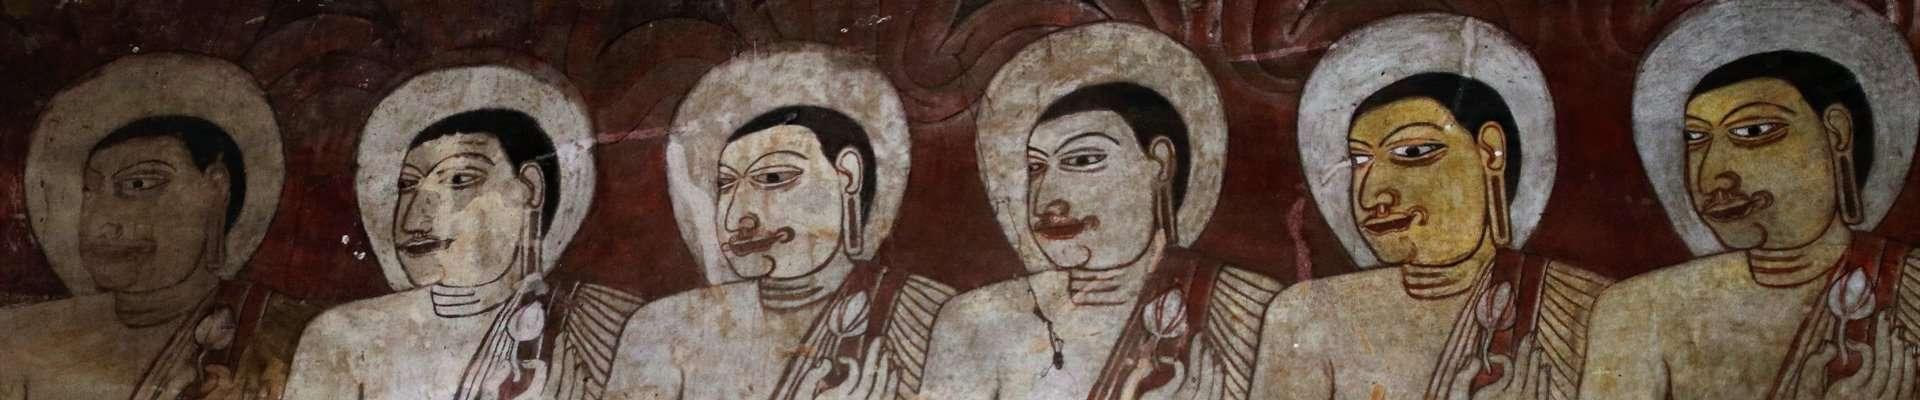 Religious frescoes in Sri Lanka.